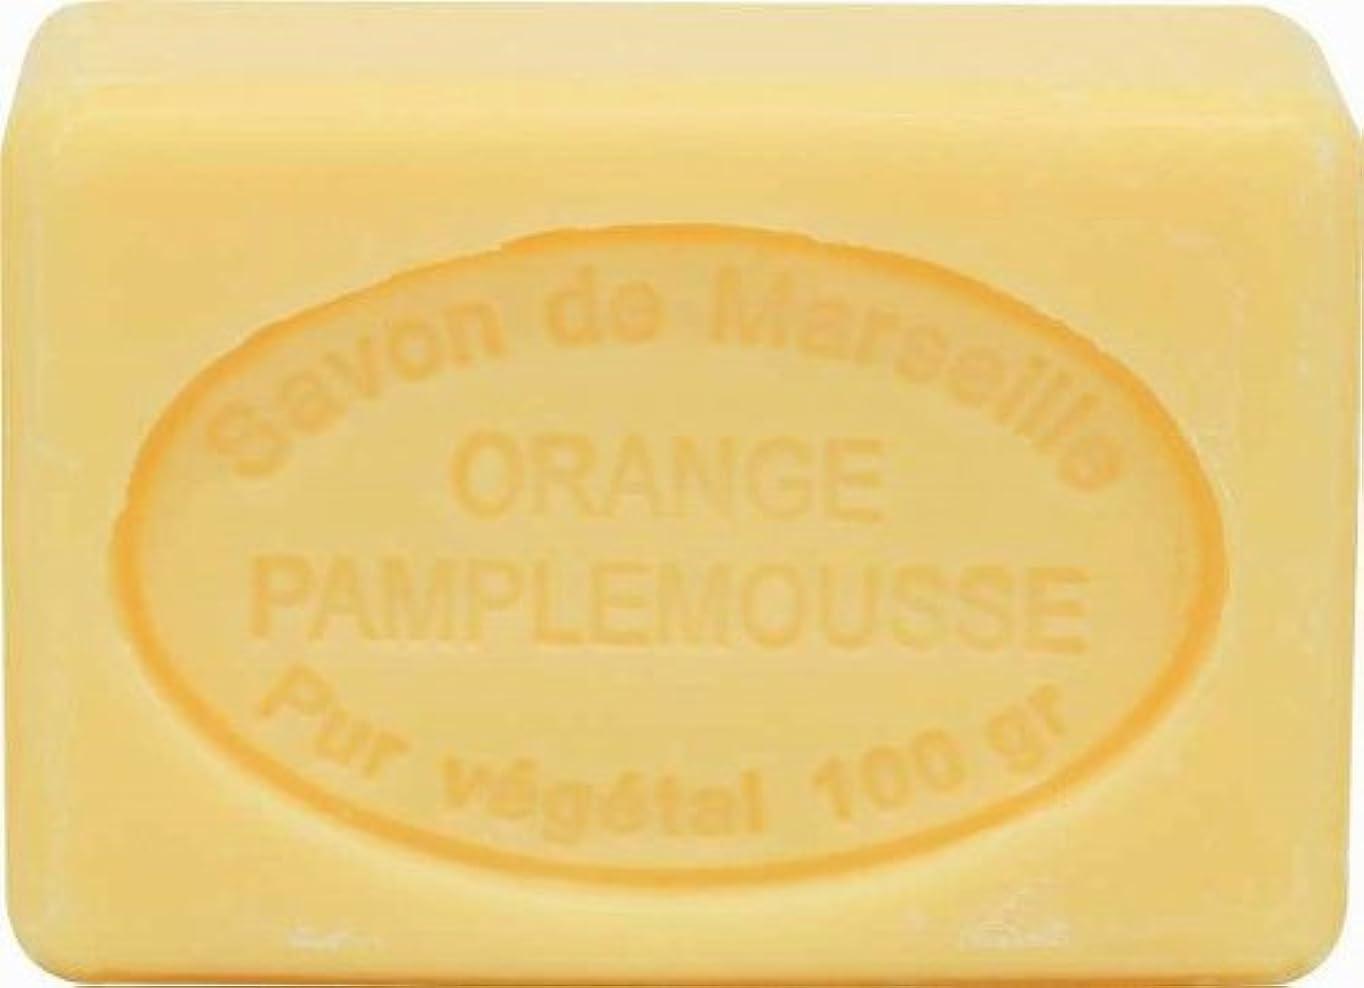 に頼る新着雇うル?シャトゥラール ソープ 100g オレンジグレープフルーツ SAVON 100